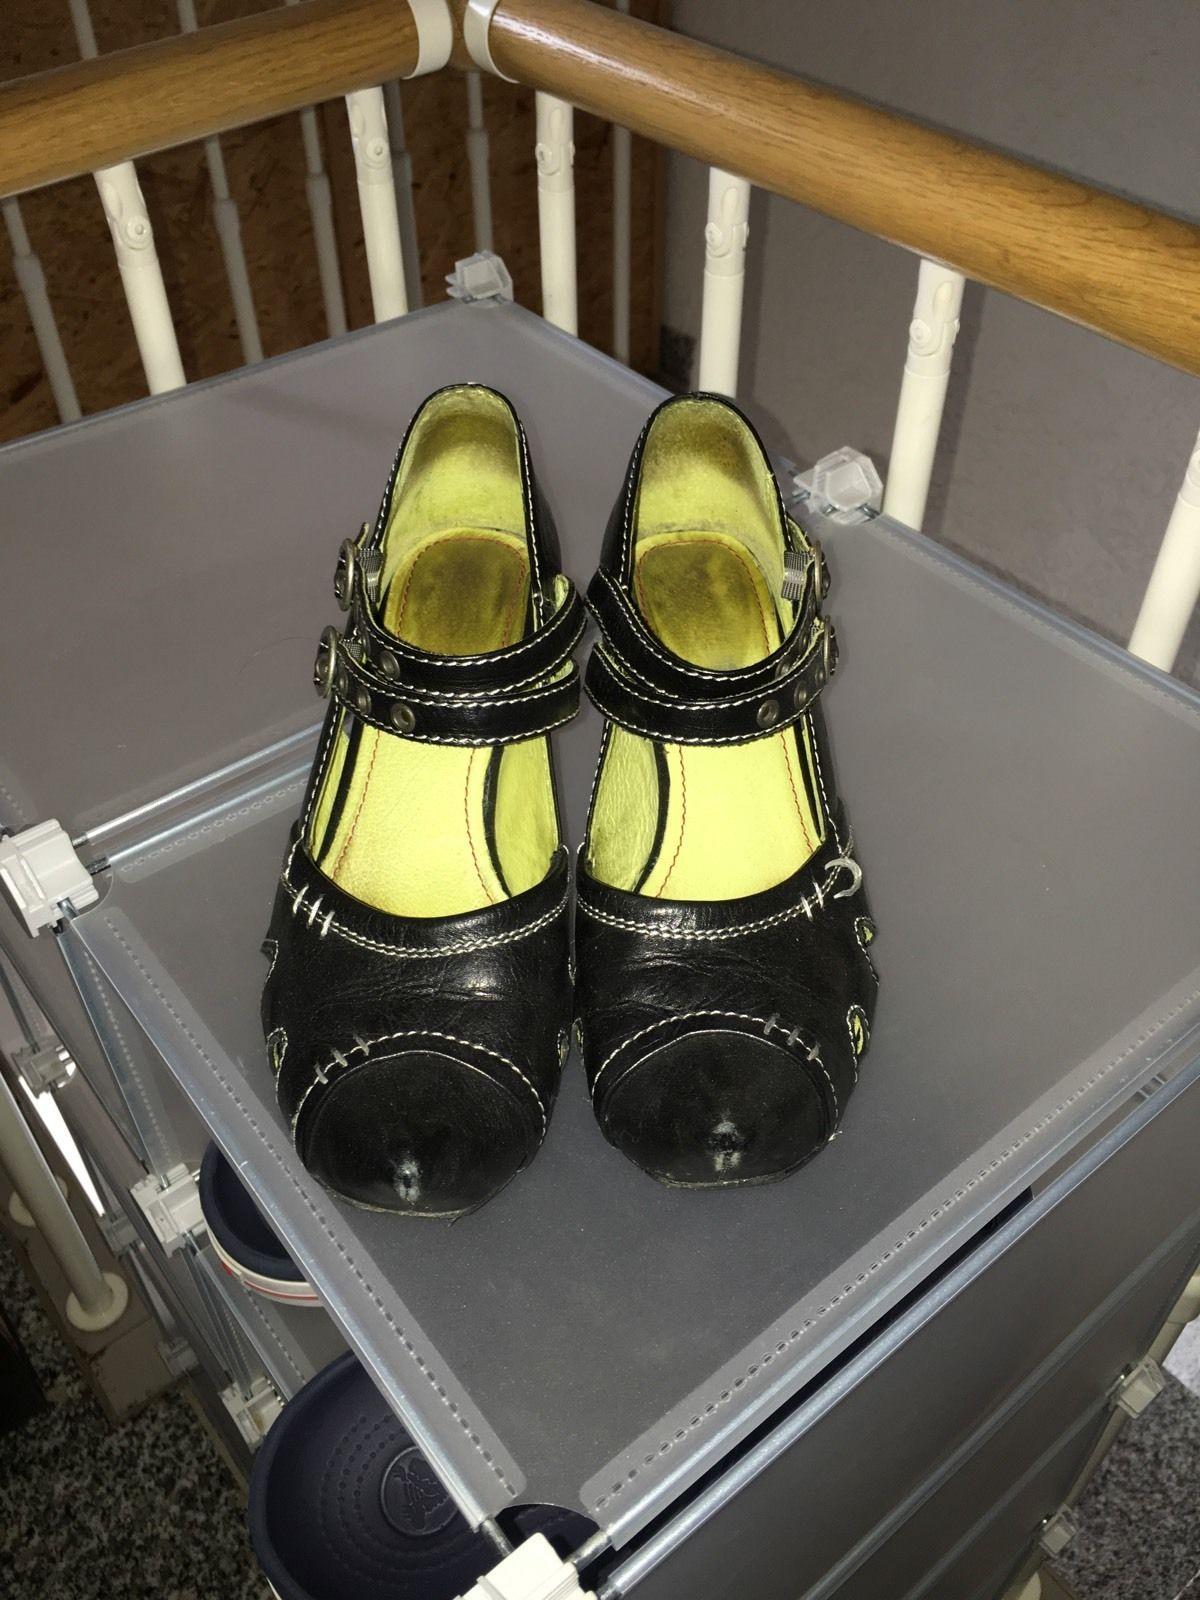 Tiggers Pumps Halbschuhe Sandaletten Gr. 38 in Kleidung & Accessoires, Damenschuhe, Pumps | eBay